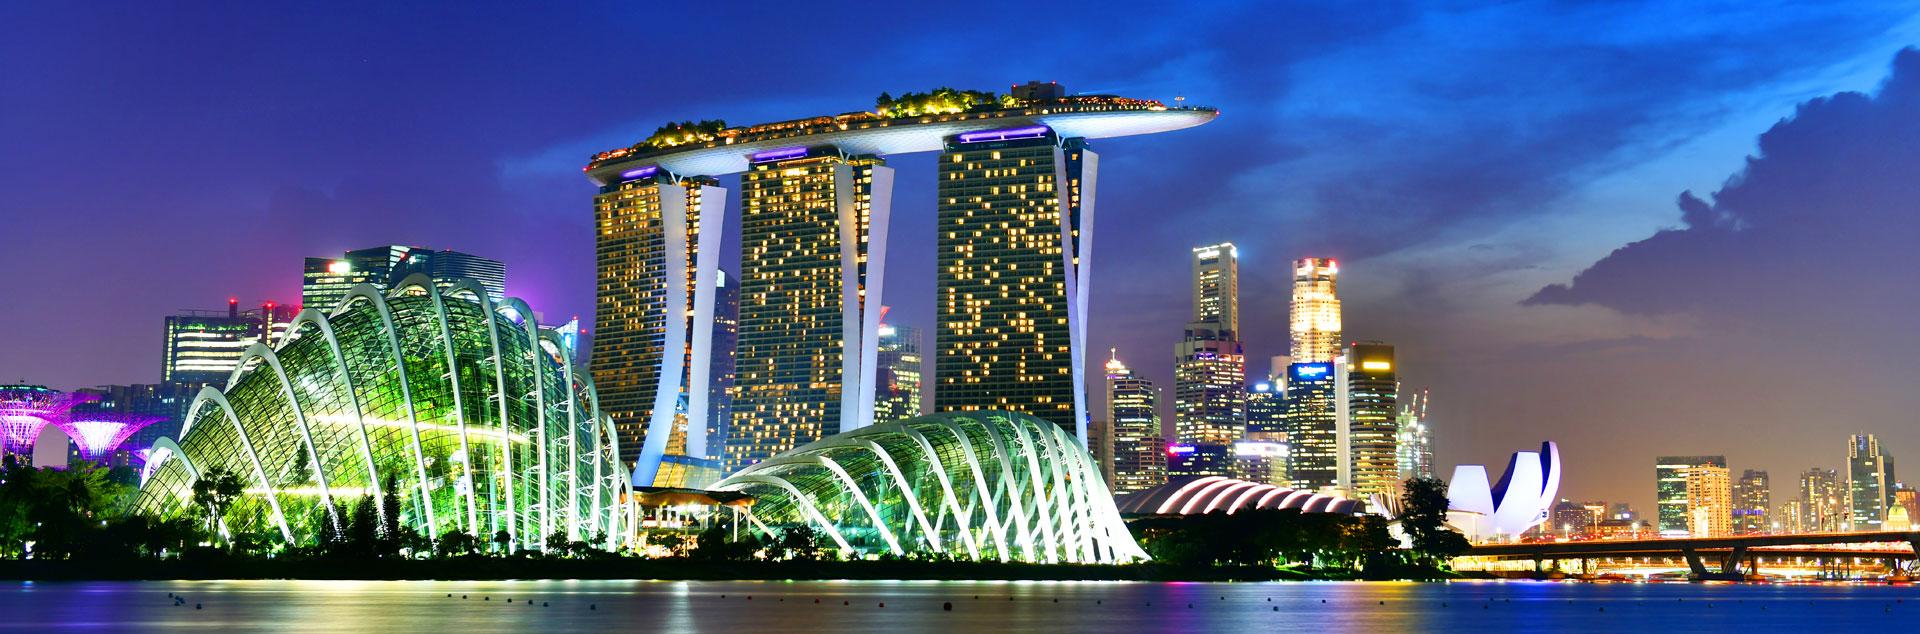 L'Asie et plus particulièrement Singapour a connu un important développement ces dernières années attirant de nombreux investisseurs étrangers.